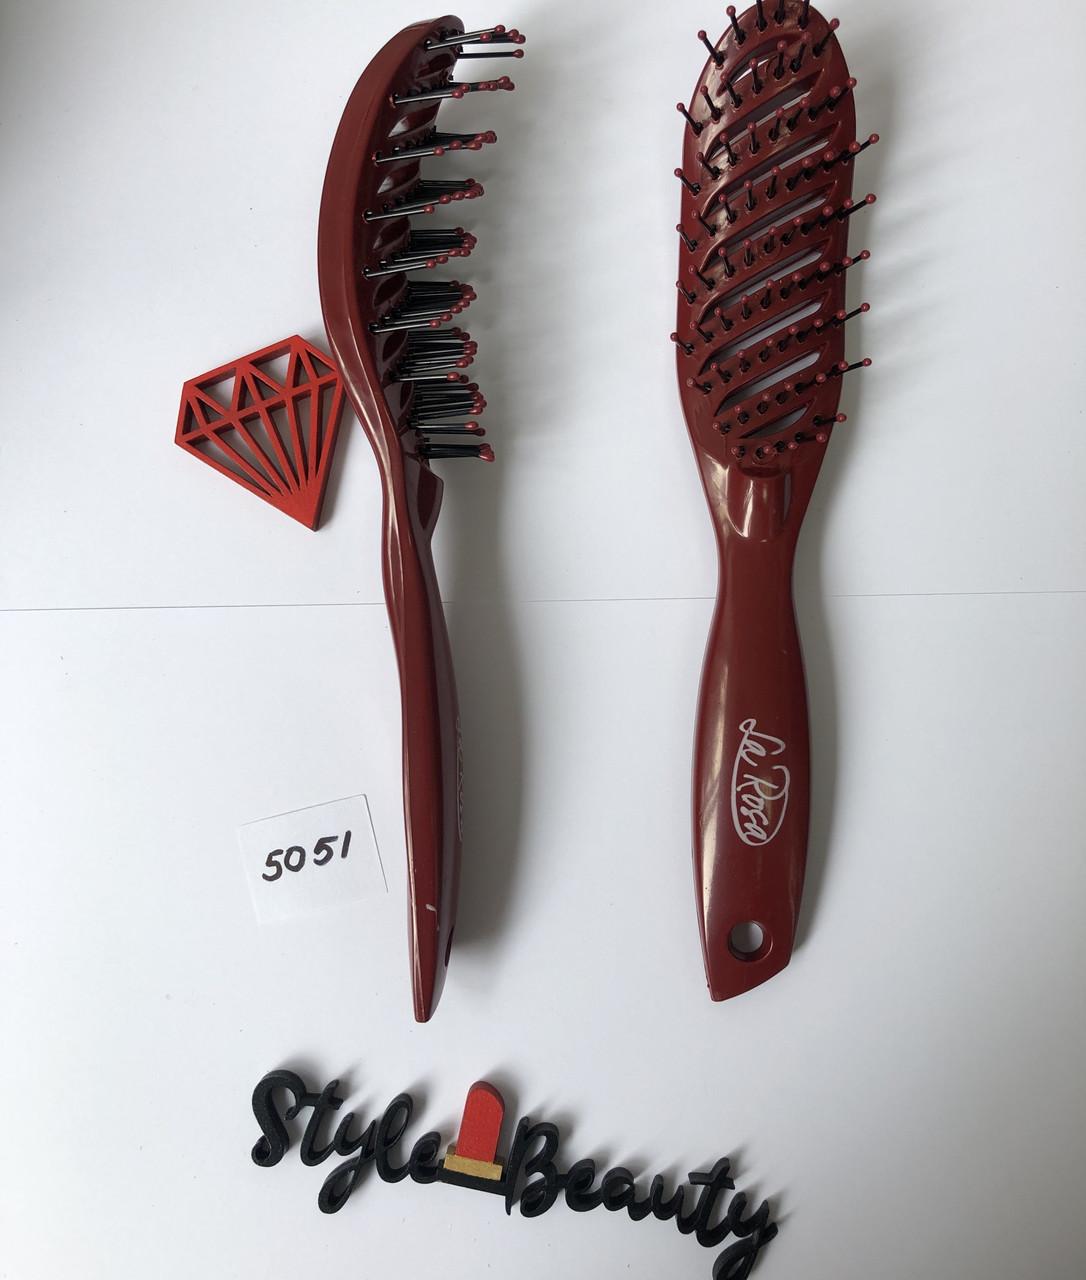 Щітка для волосся La Rosa 5051